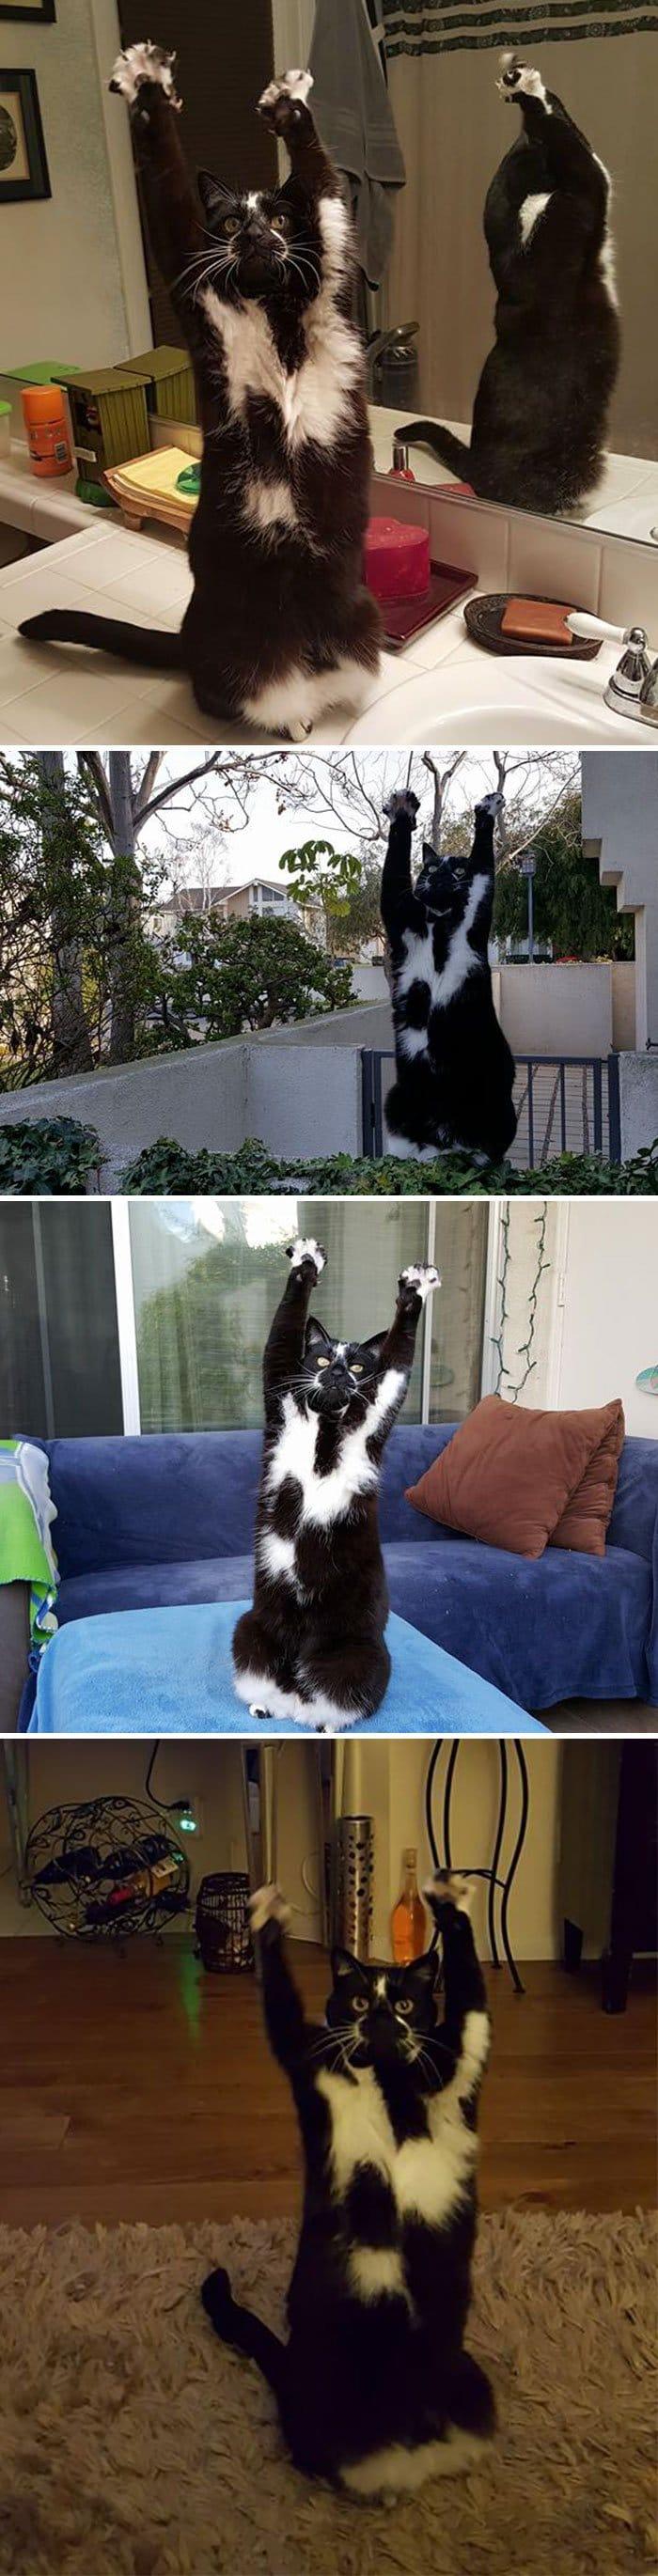 17+ котов, застигнутых врасплох за странным занятием!